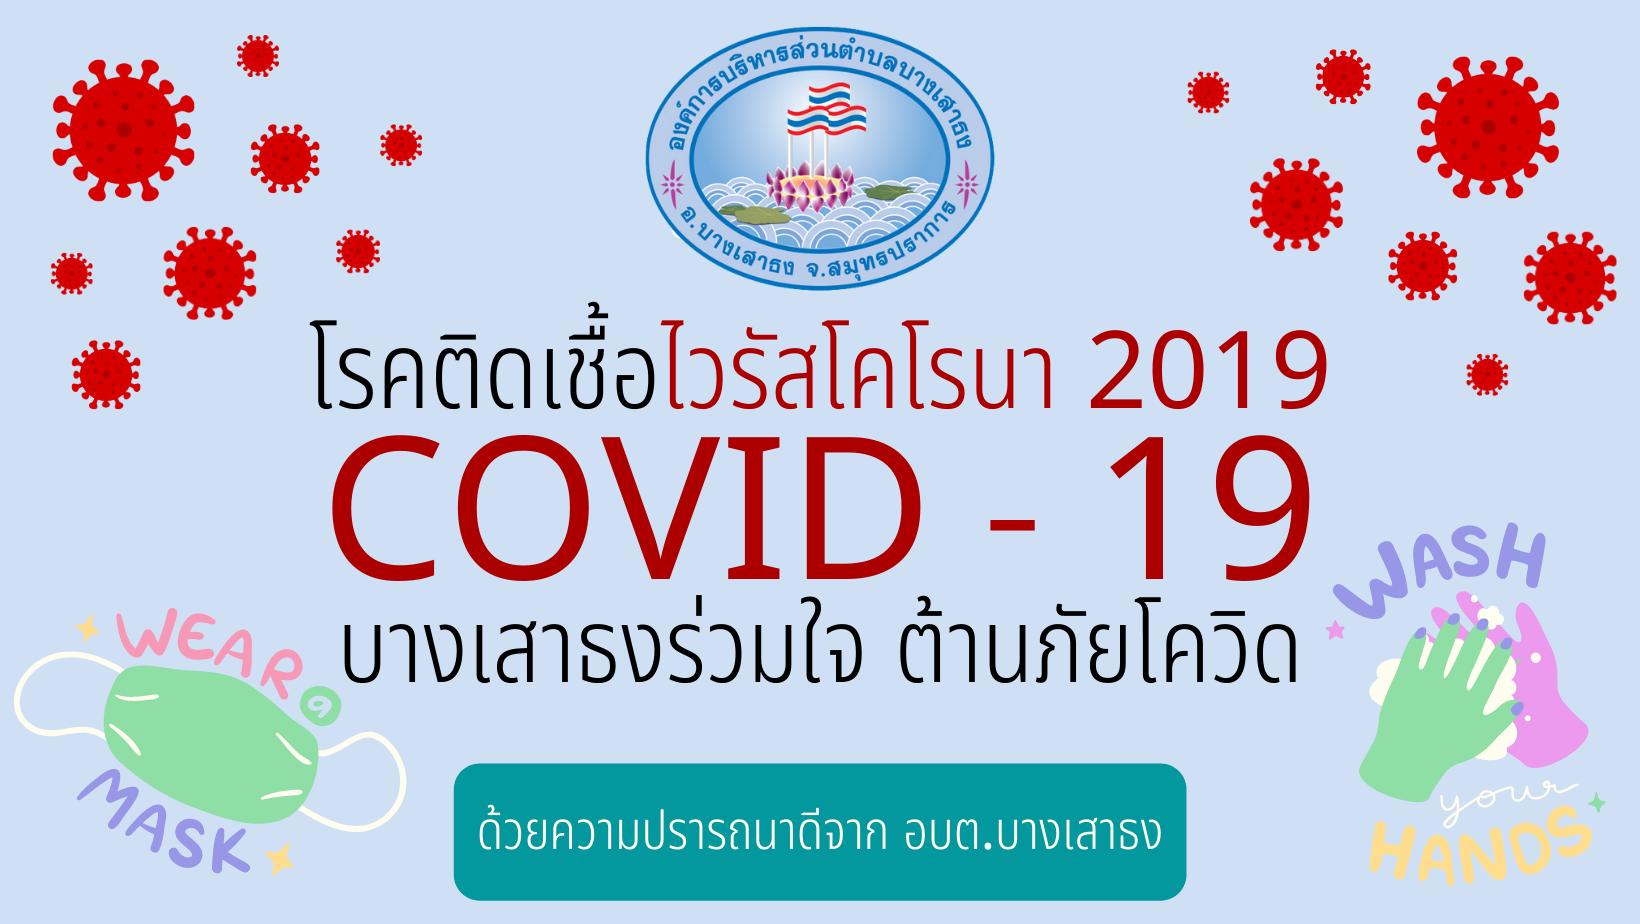 โรคติดเชื้อไวรัสโคโรนา 2019